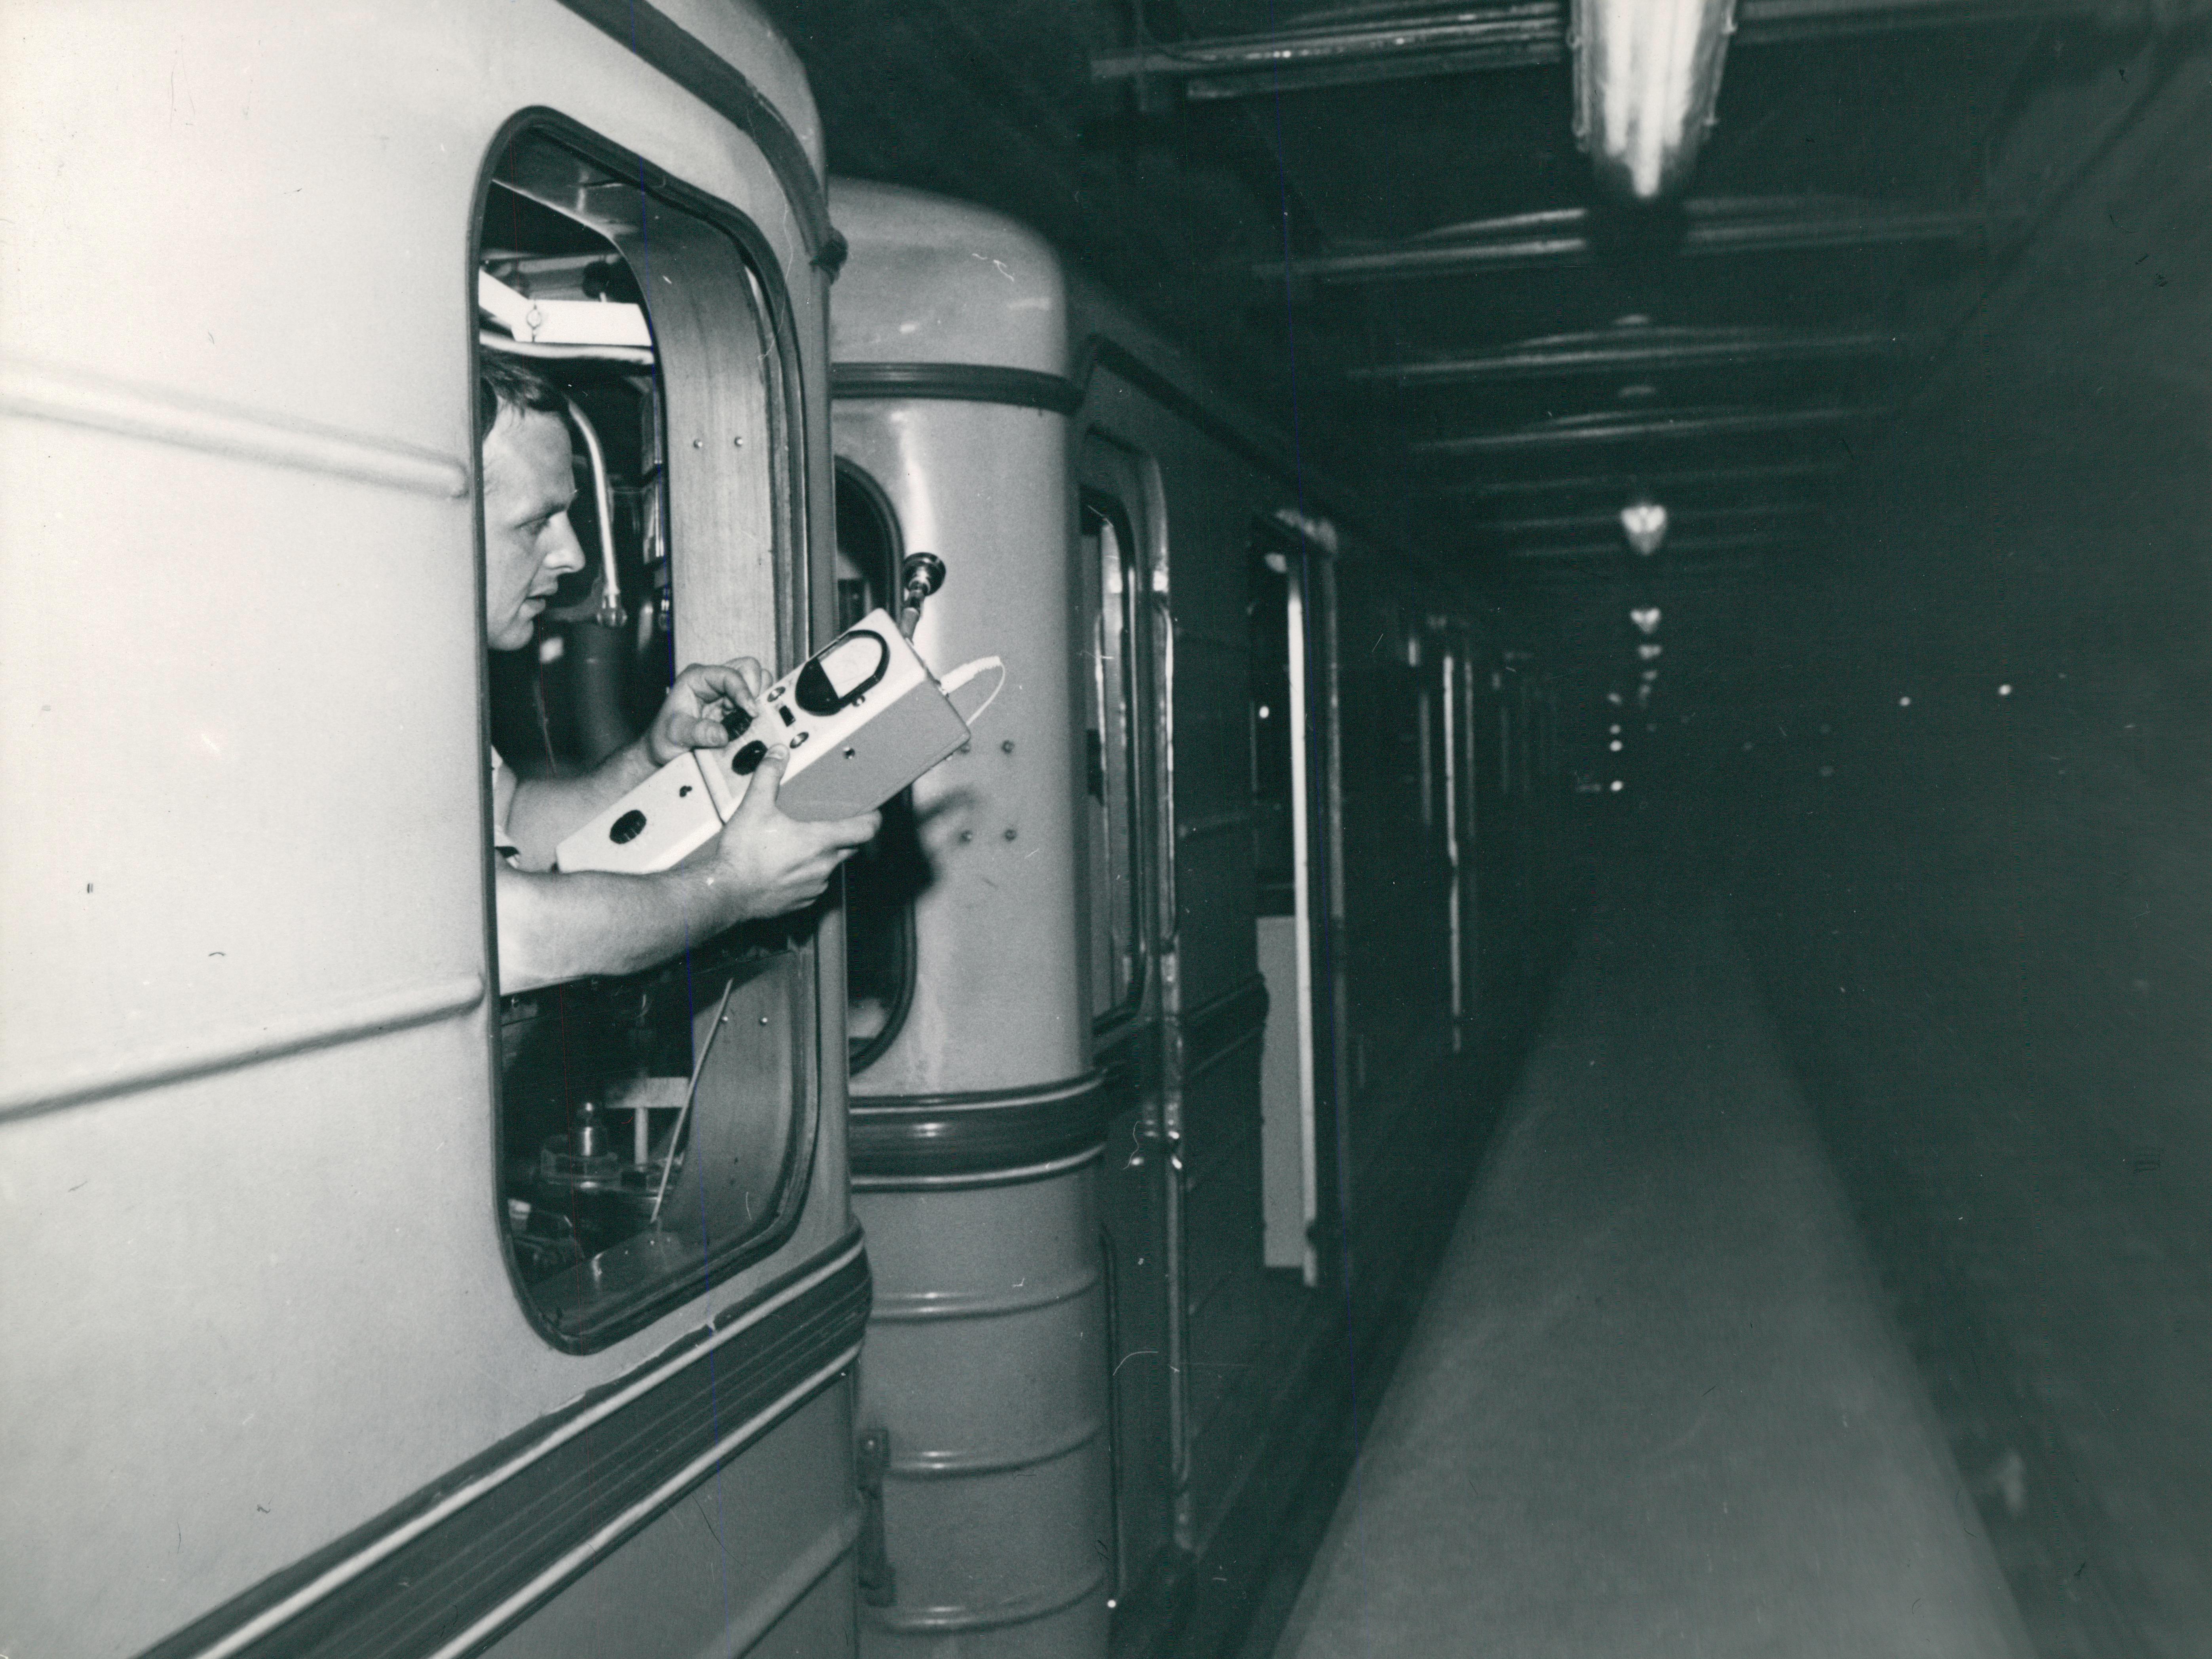 Mérés metrókocsiból